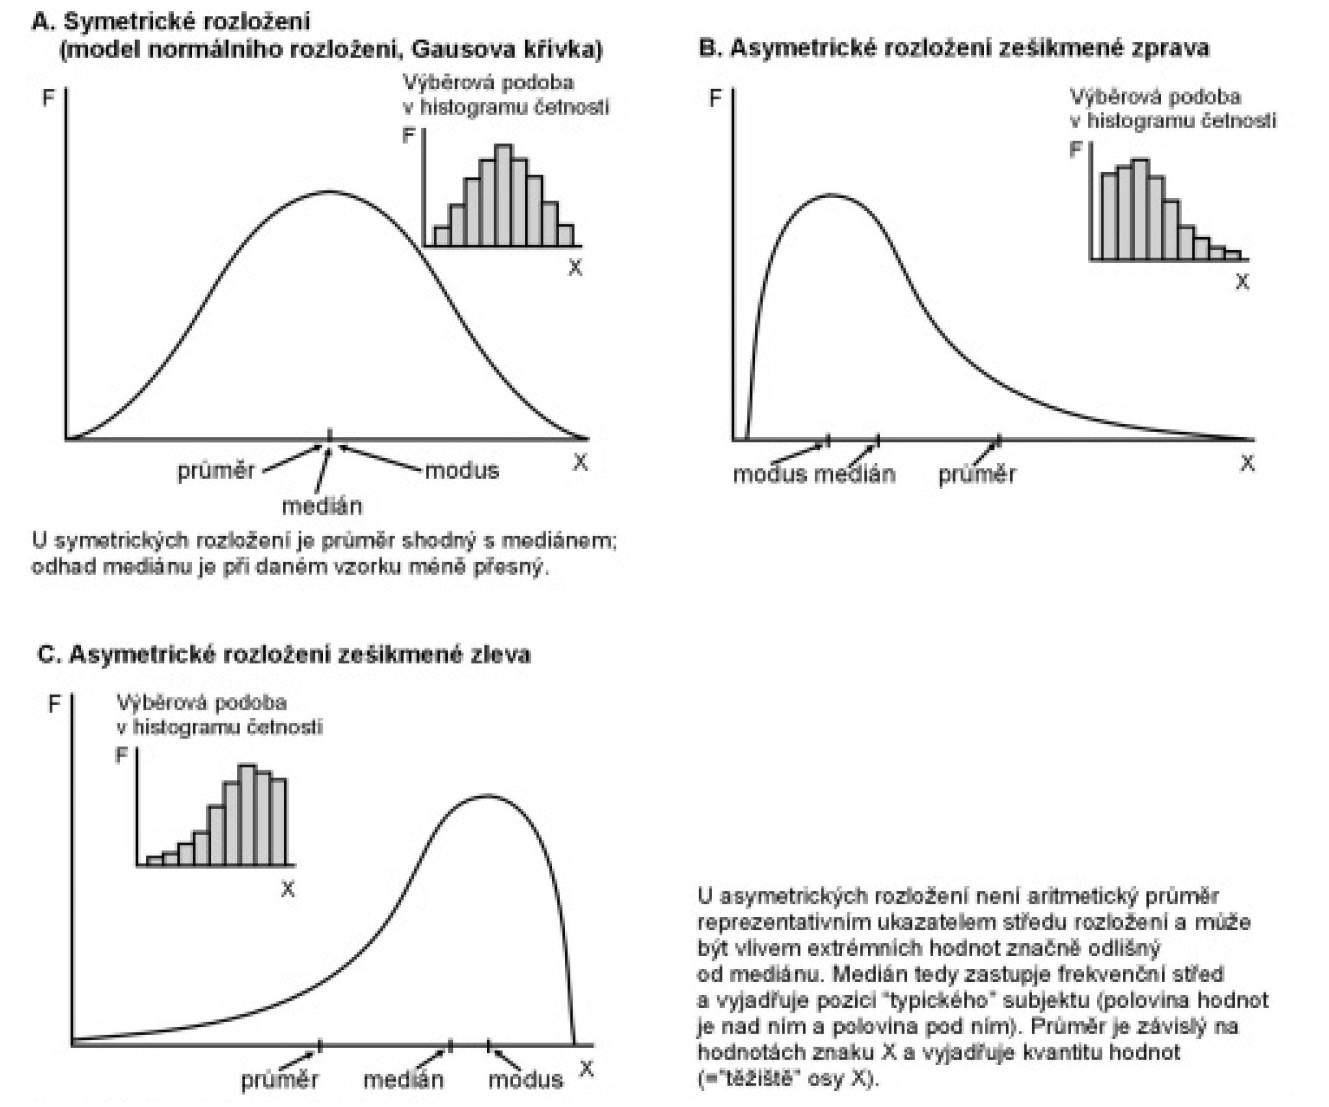 Základní typy rozdělení spojitých znaků a odpovídající sumární statistiky středu.